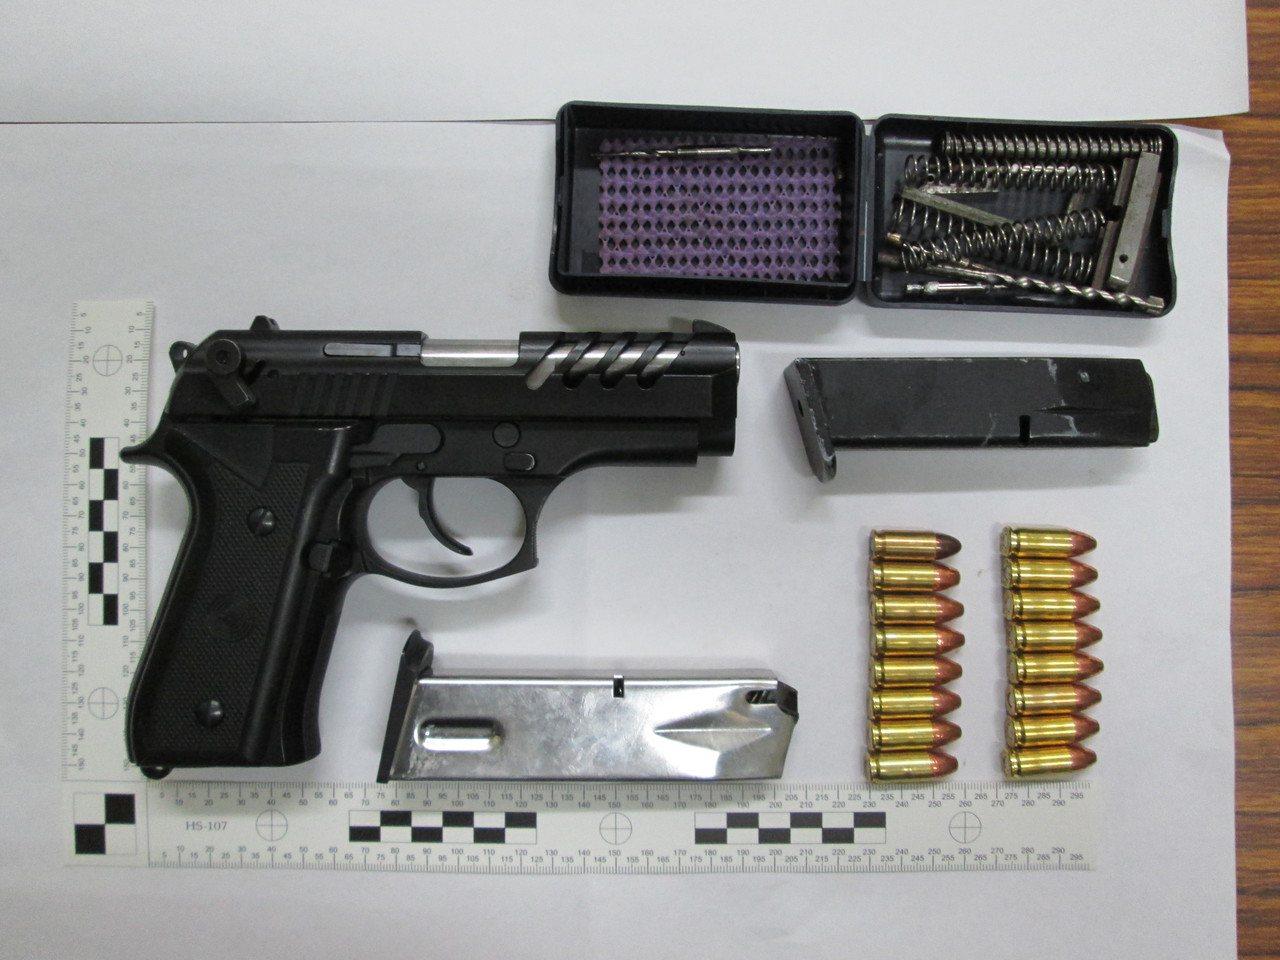 警方查獲張嫌持有的改造槍枝、子彈。圖/警方提供